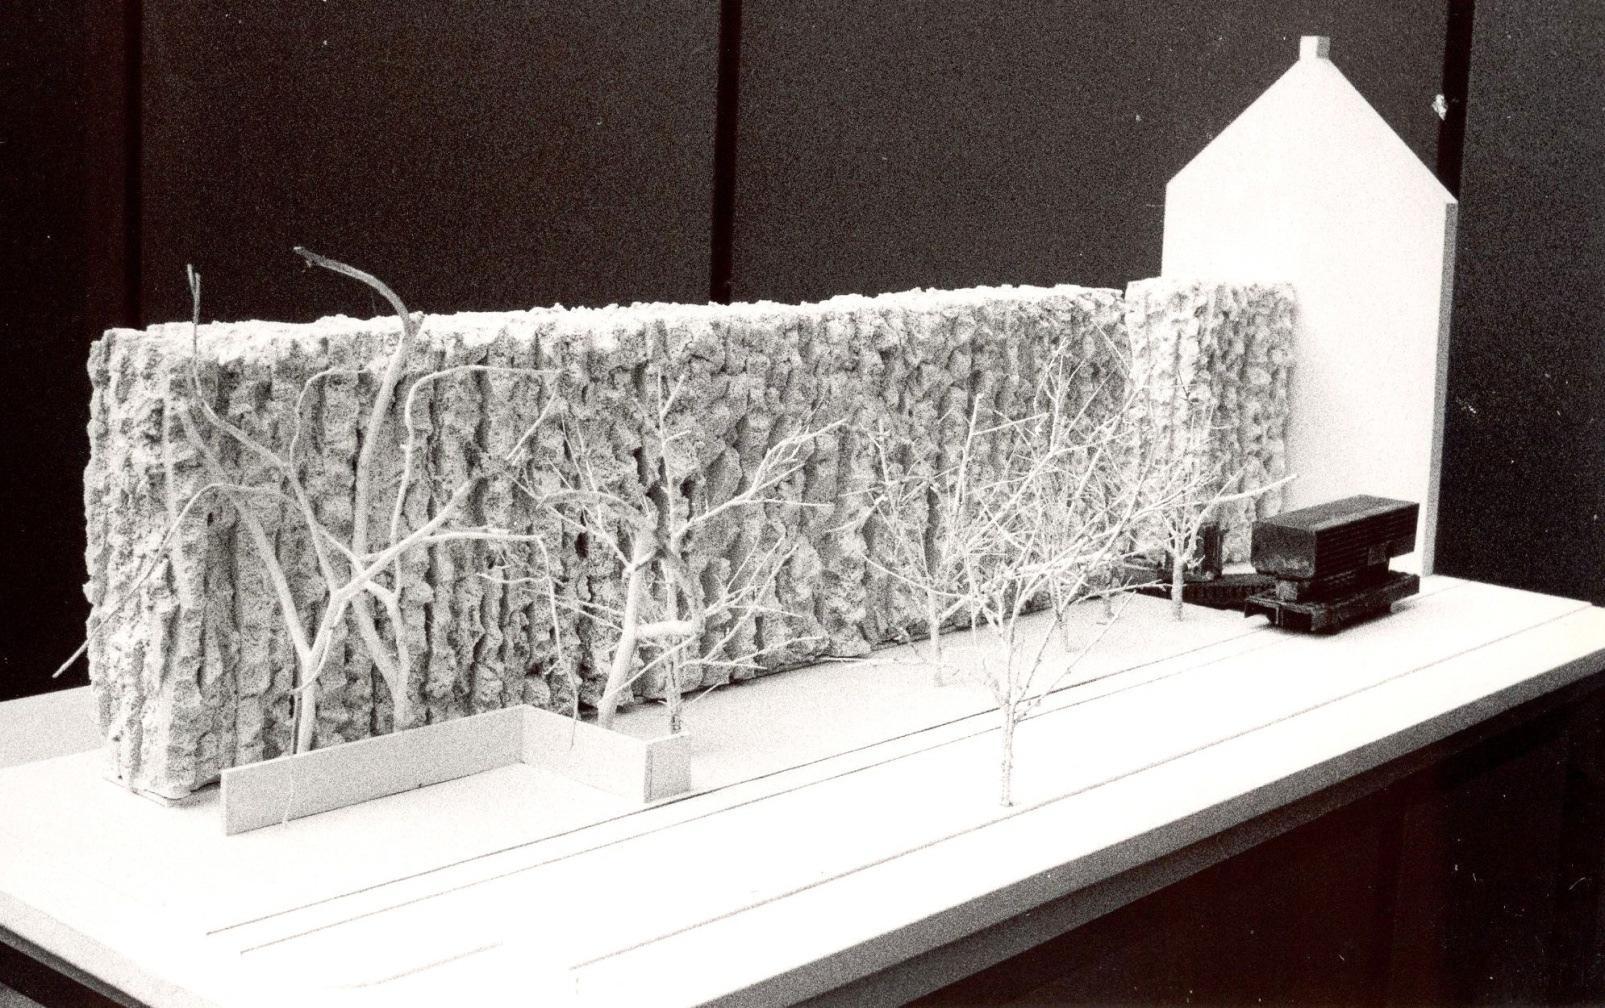 Modell Wettbewerbsentwurf 1987/88